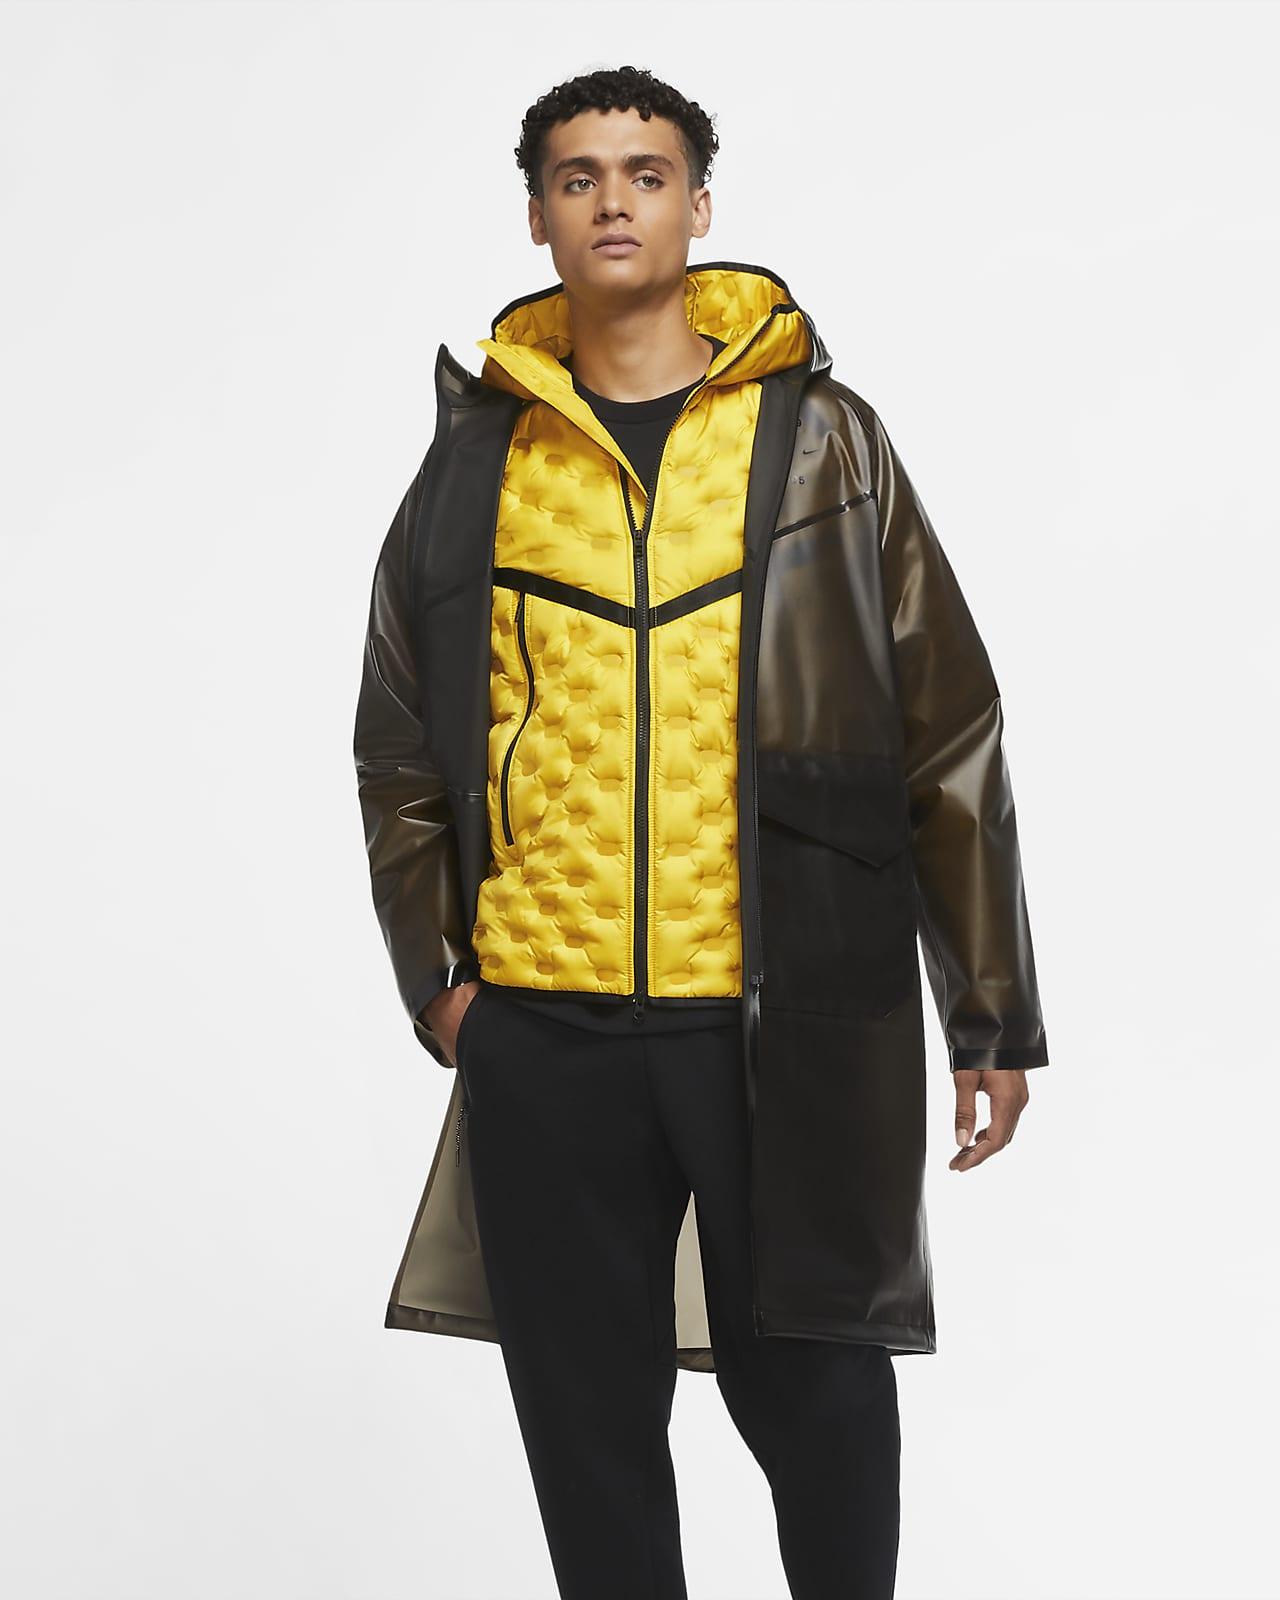 Comercio tarifa distancia  Completo con giacca e giaccone Nike Sportswear Tech Pack Down-Fill - Uomo.  Nike IT